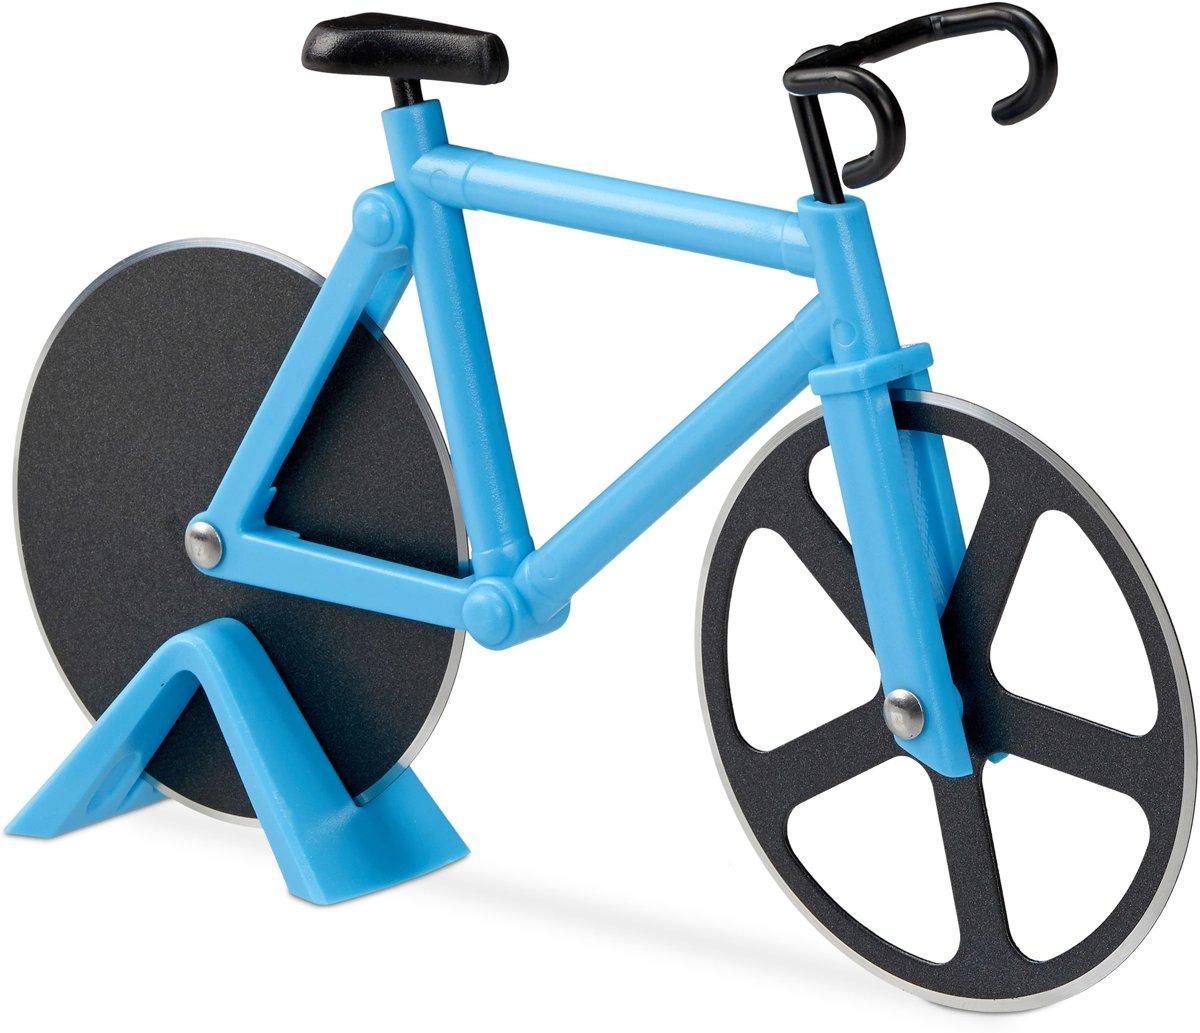 relaxdays pizzasnijder fiets - pizzames racefiets - pizzaroller - origineel - deegroller blauw kopen